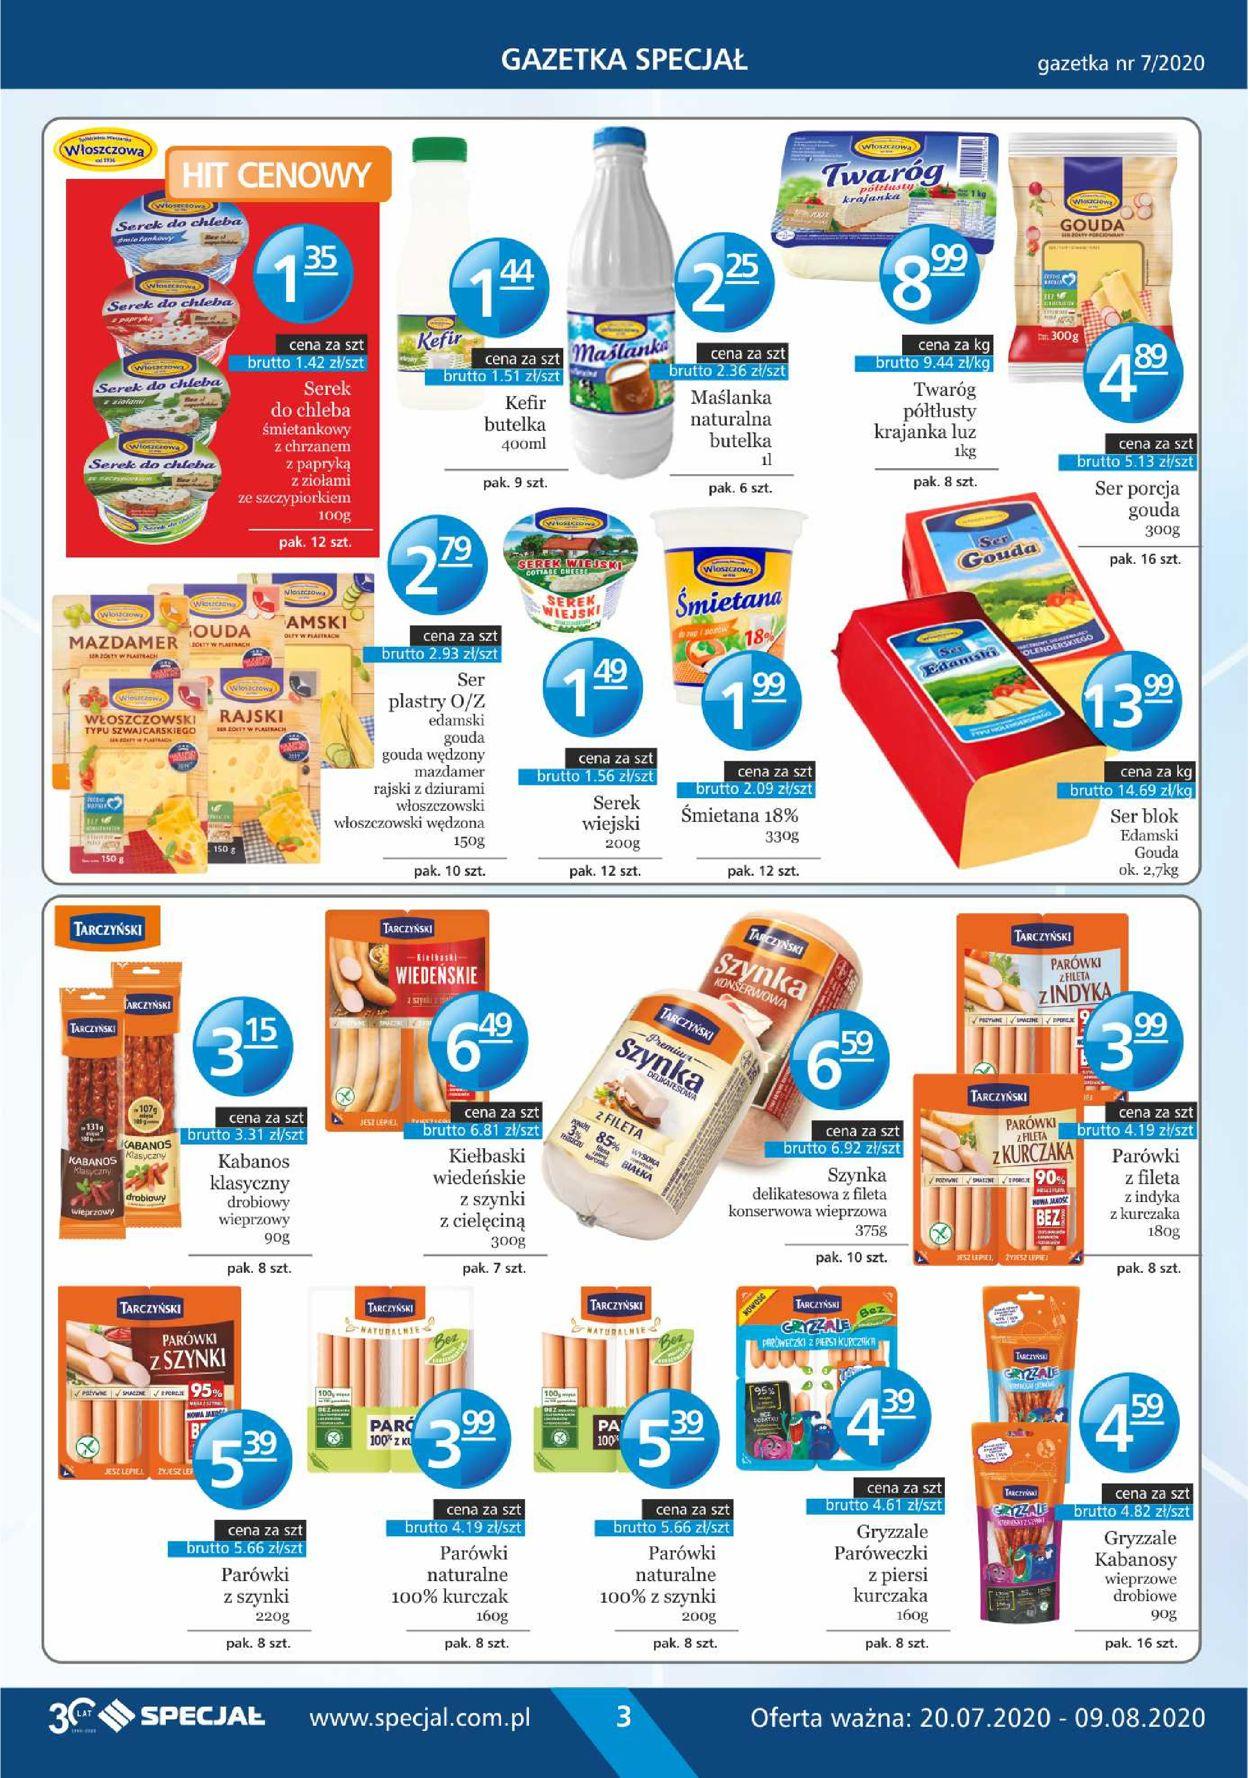 Gazetka promocyjna Specjał - 20.07-09.08.2020 (Strona 3)